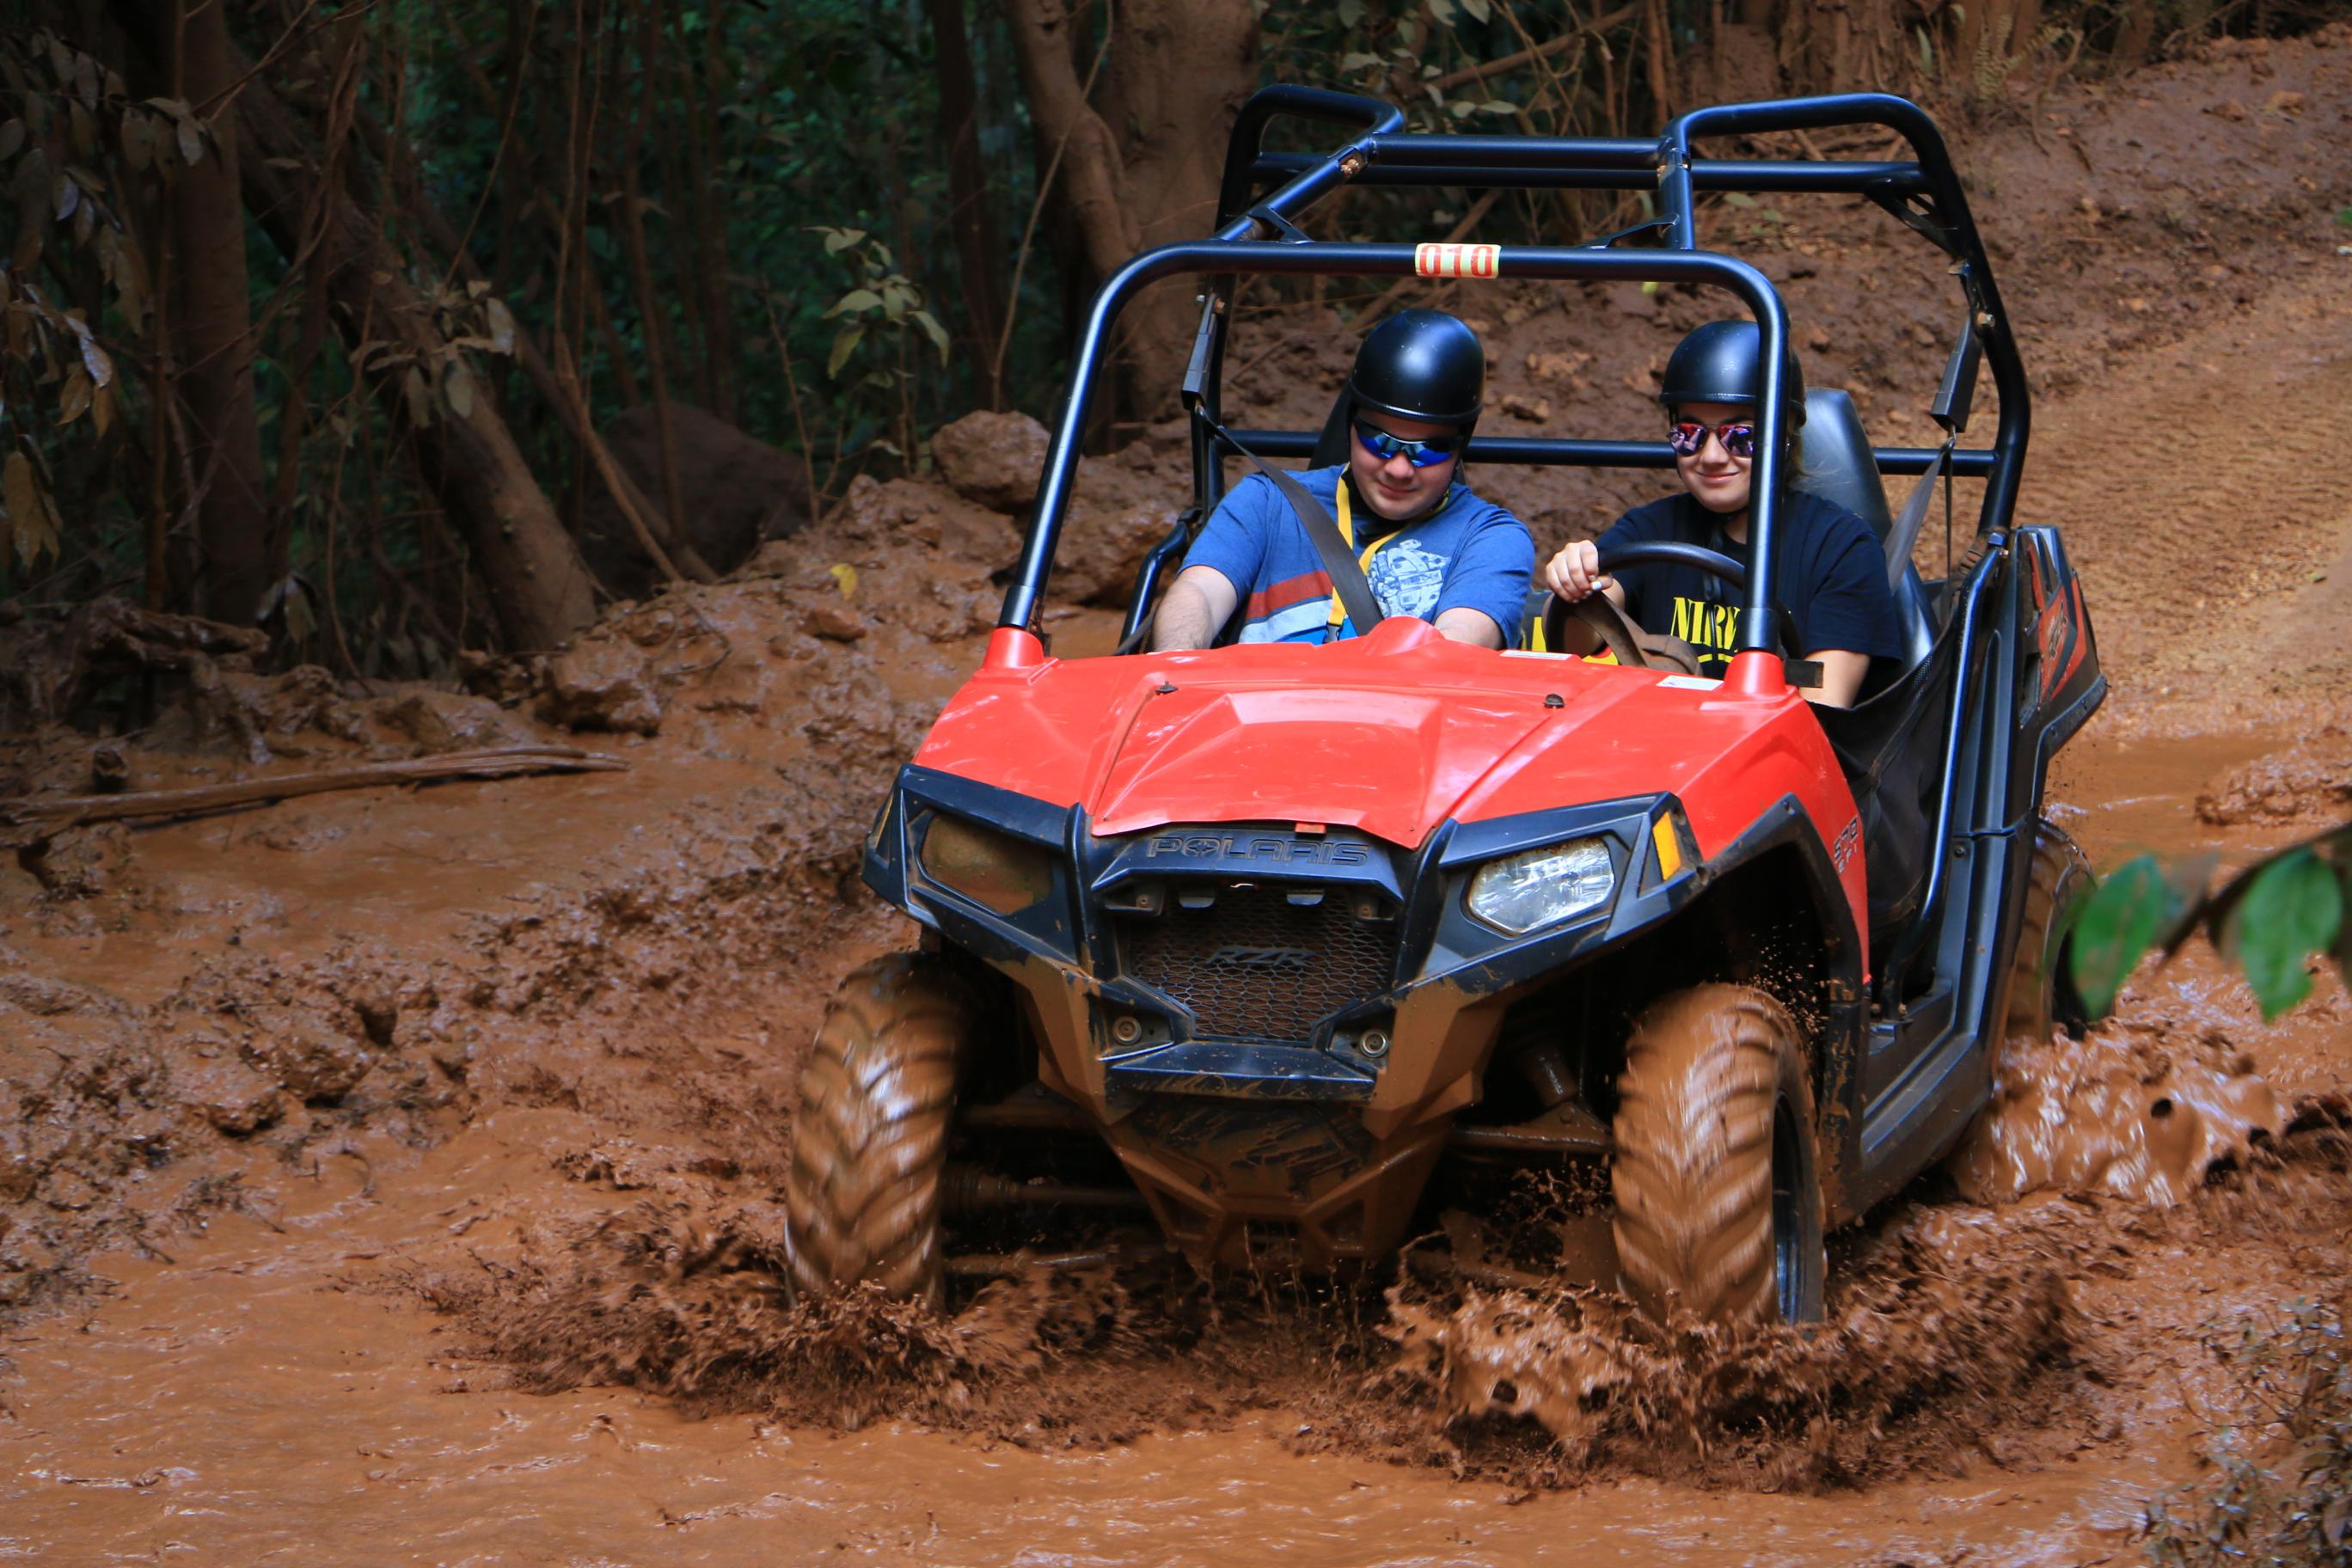 Enjoy a muddy ride